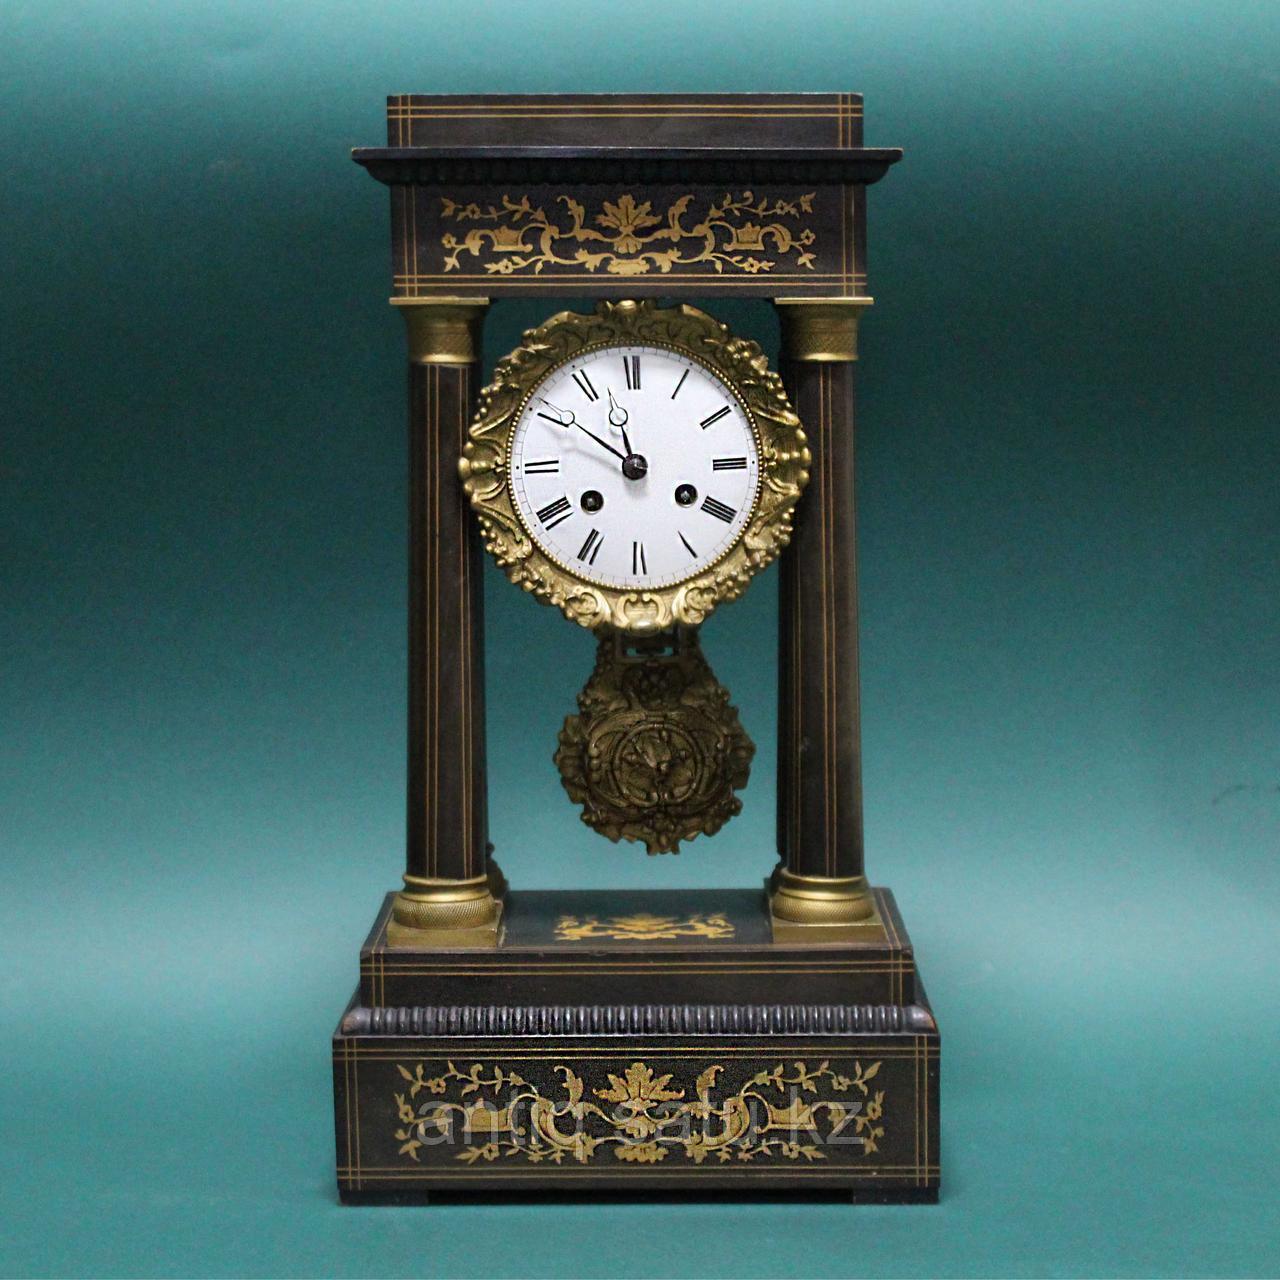 Кабинетные часы в стиле Карла Х. Часовая мастерская Samuel Marti & Cie - фото 8